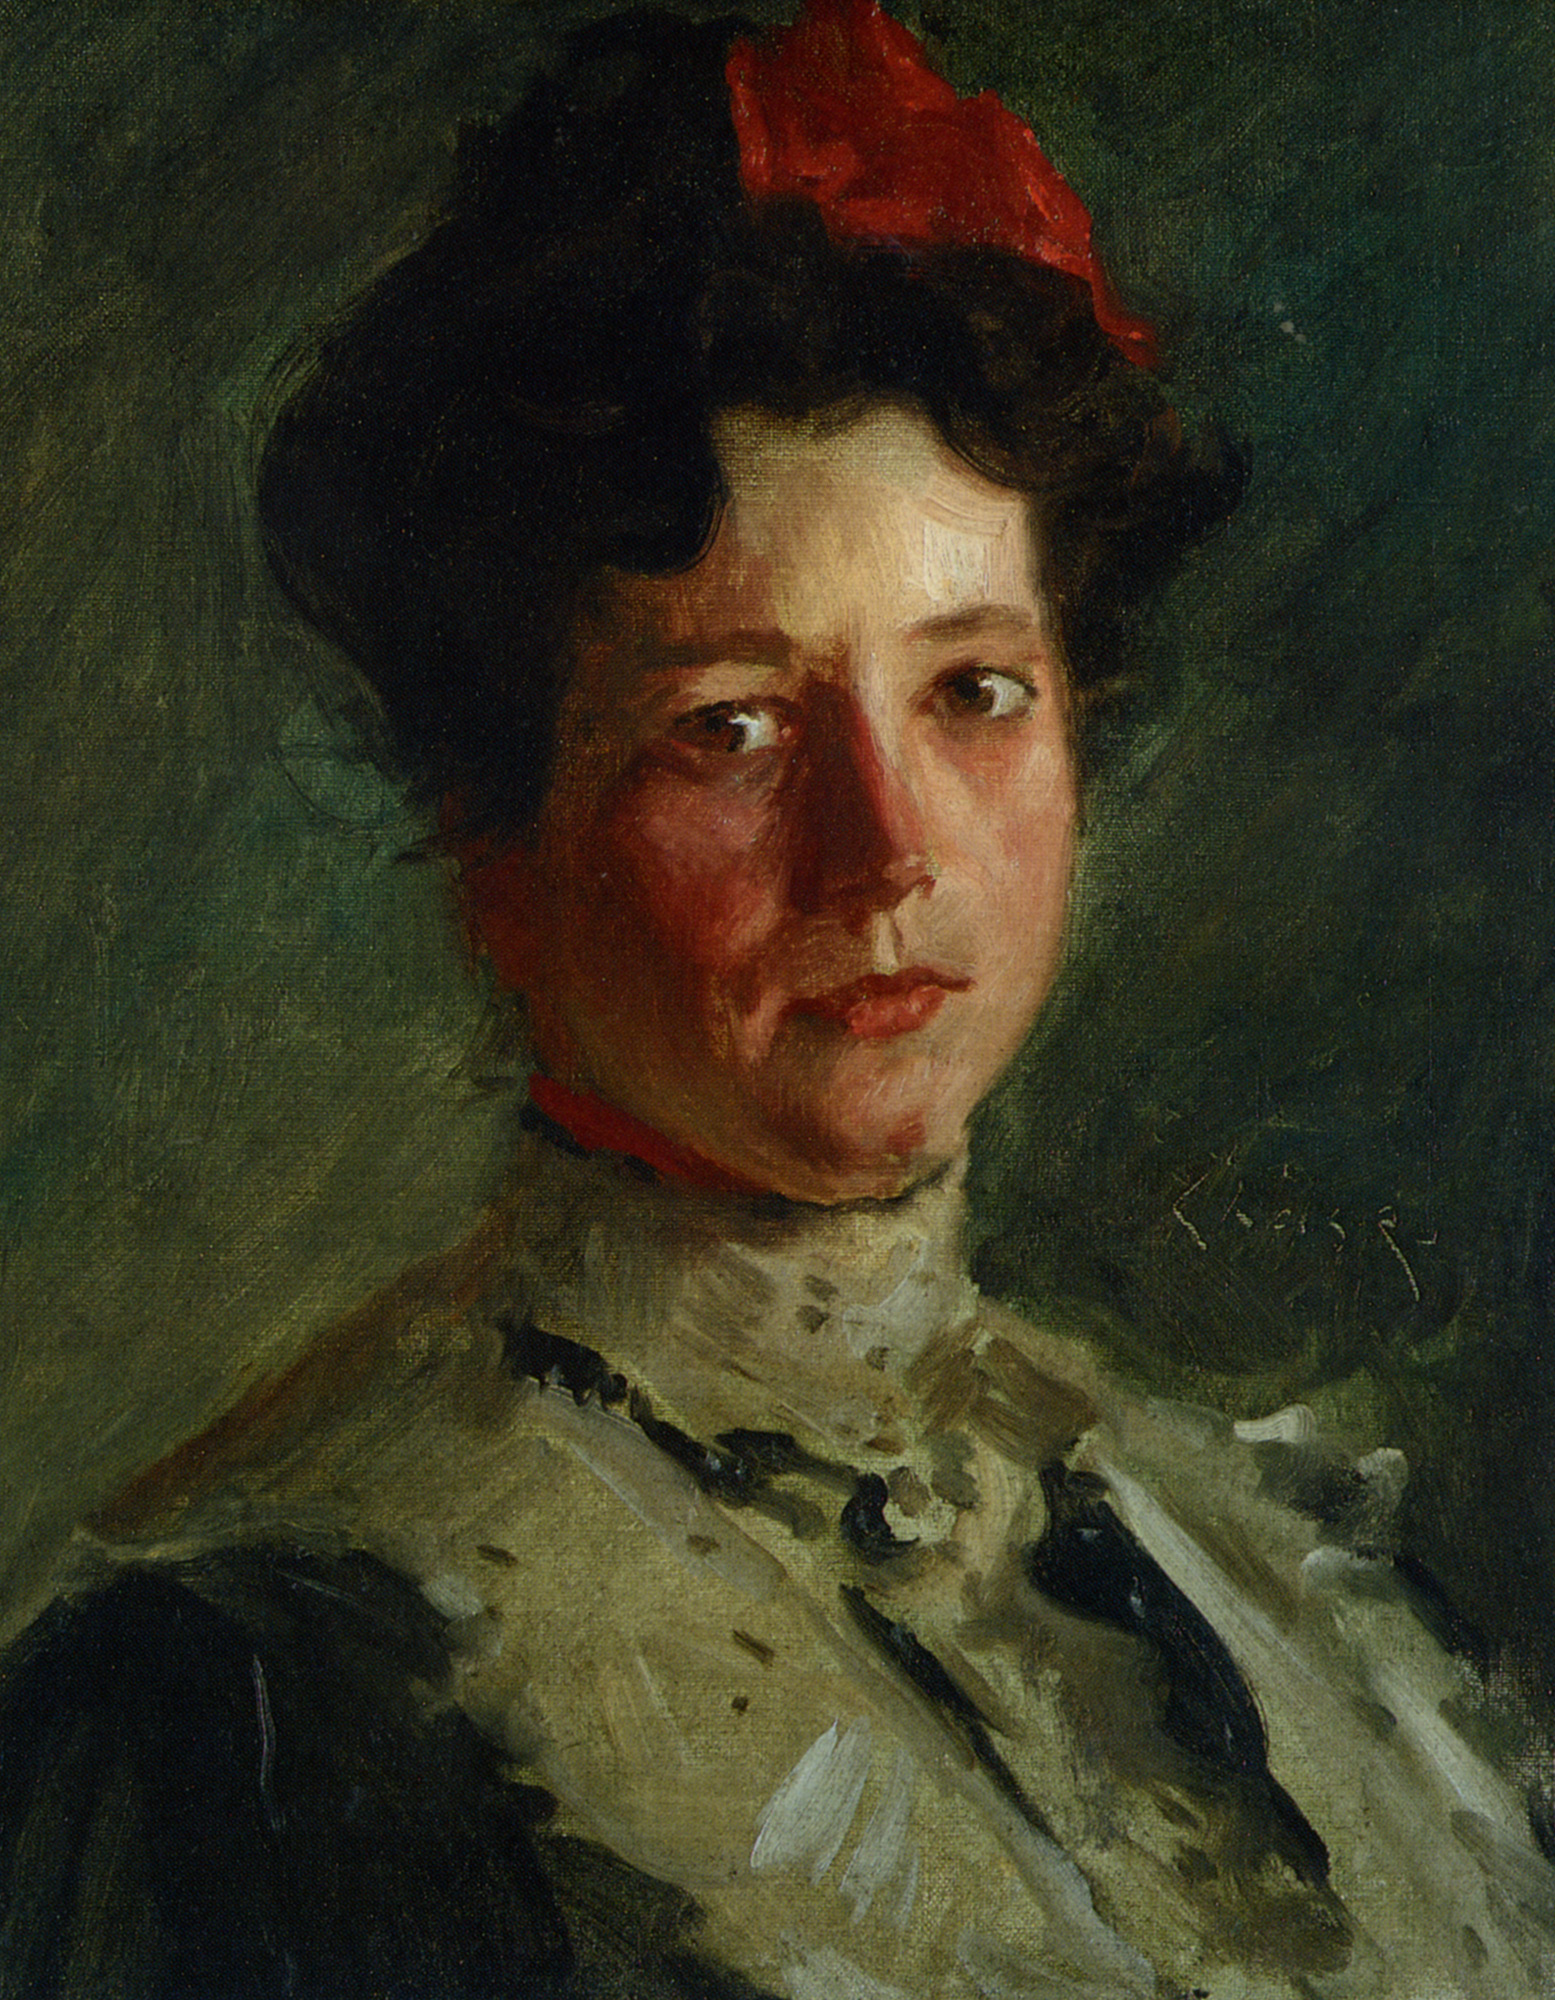 Марта Уолтер (англ. Martha Walter; 1875—1976) — американская художница-импрессионист.